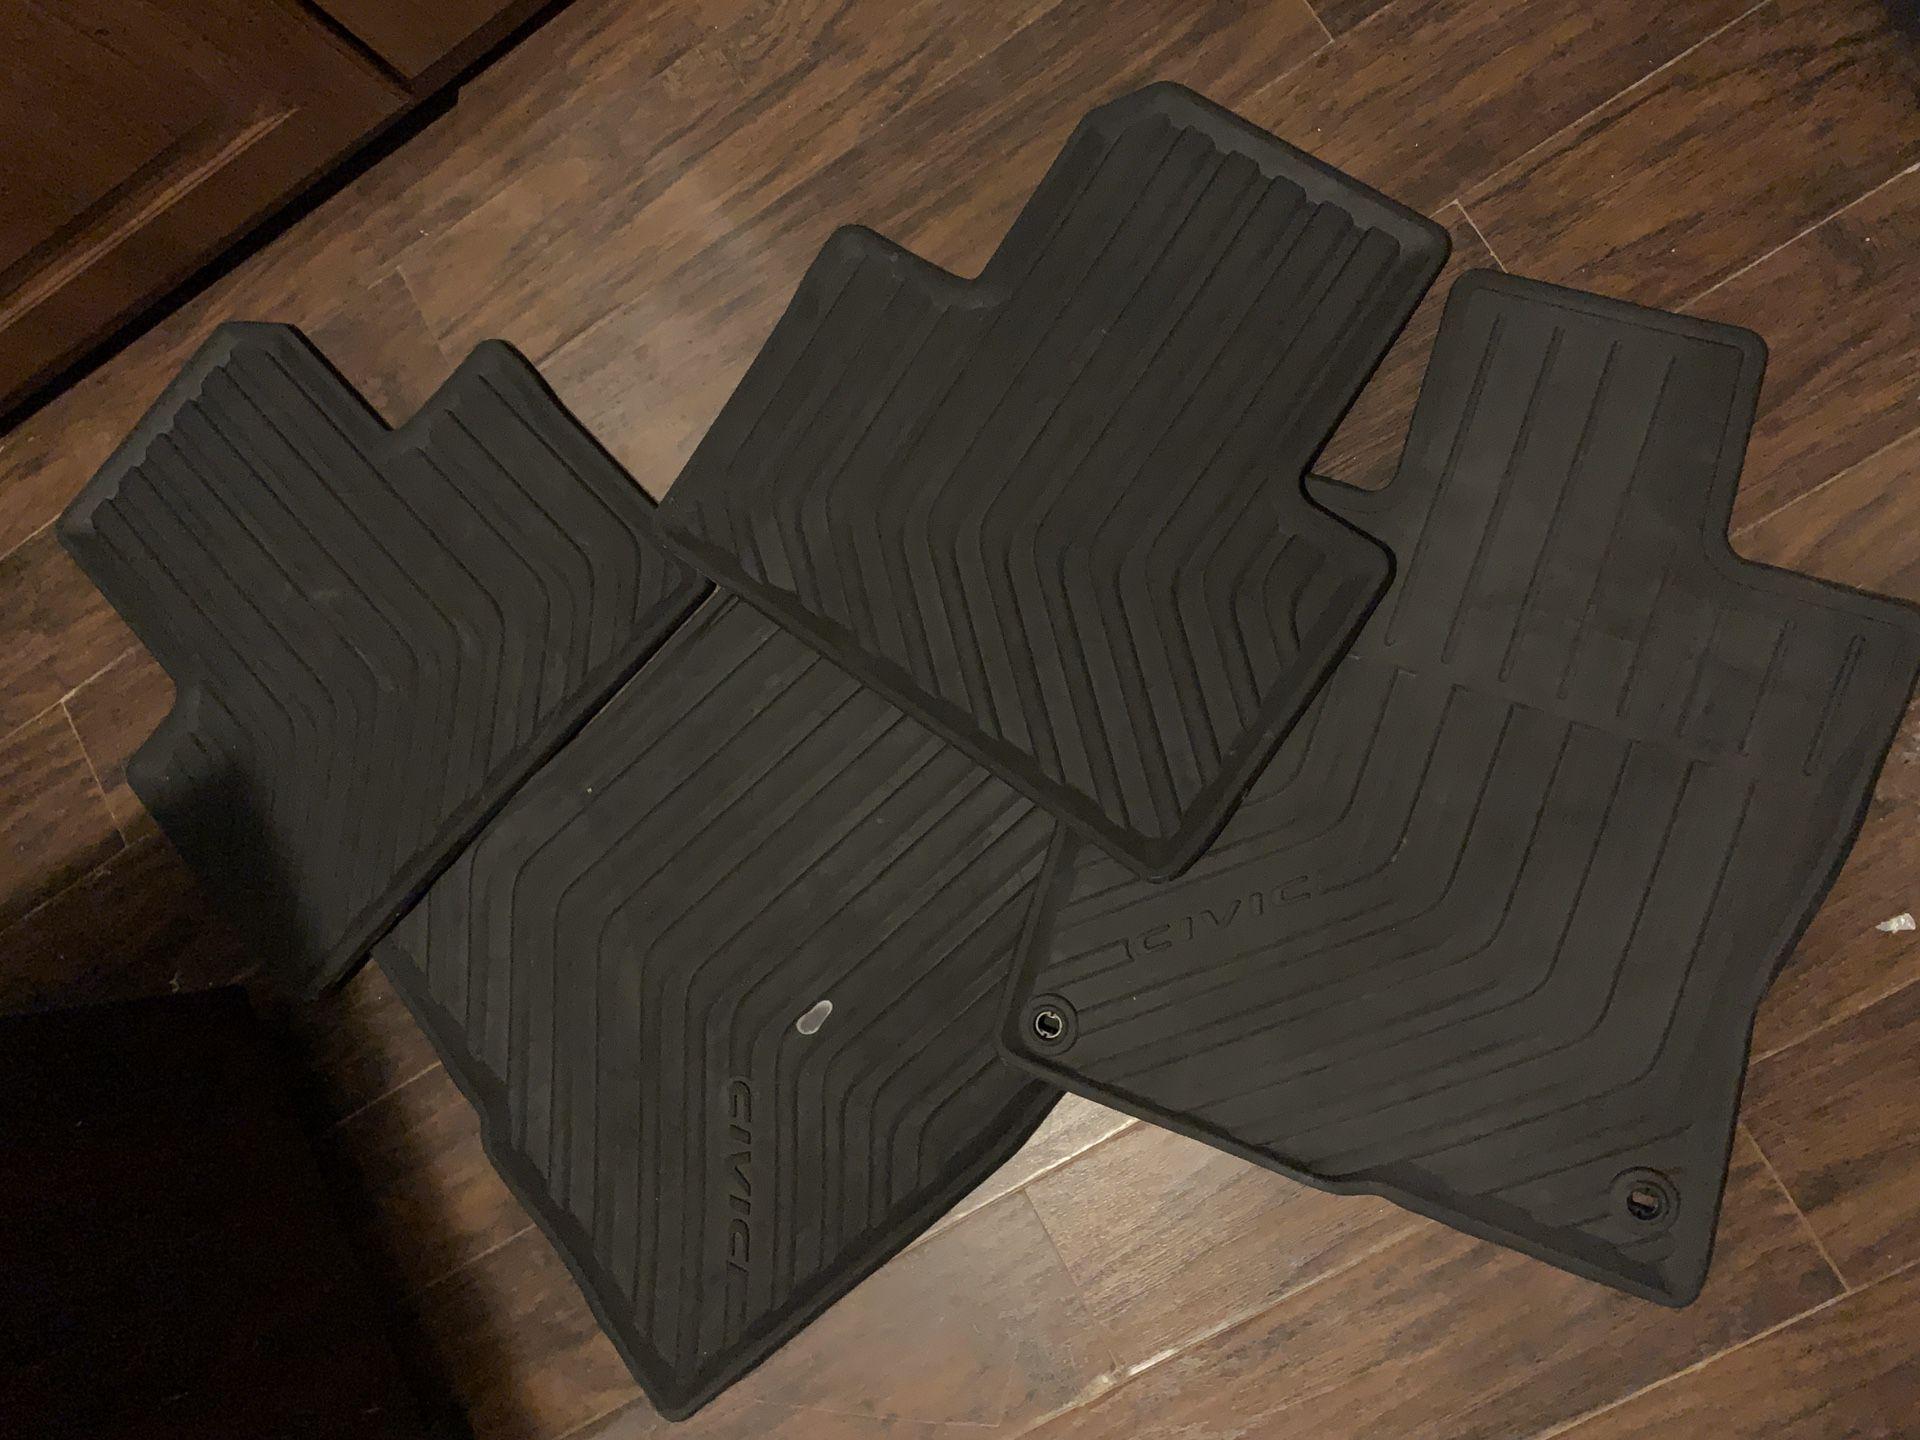 Honda Civic floor mats